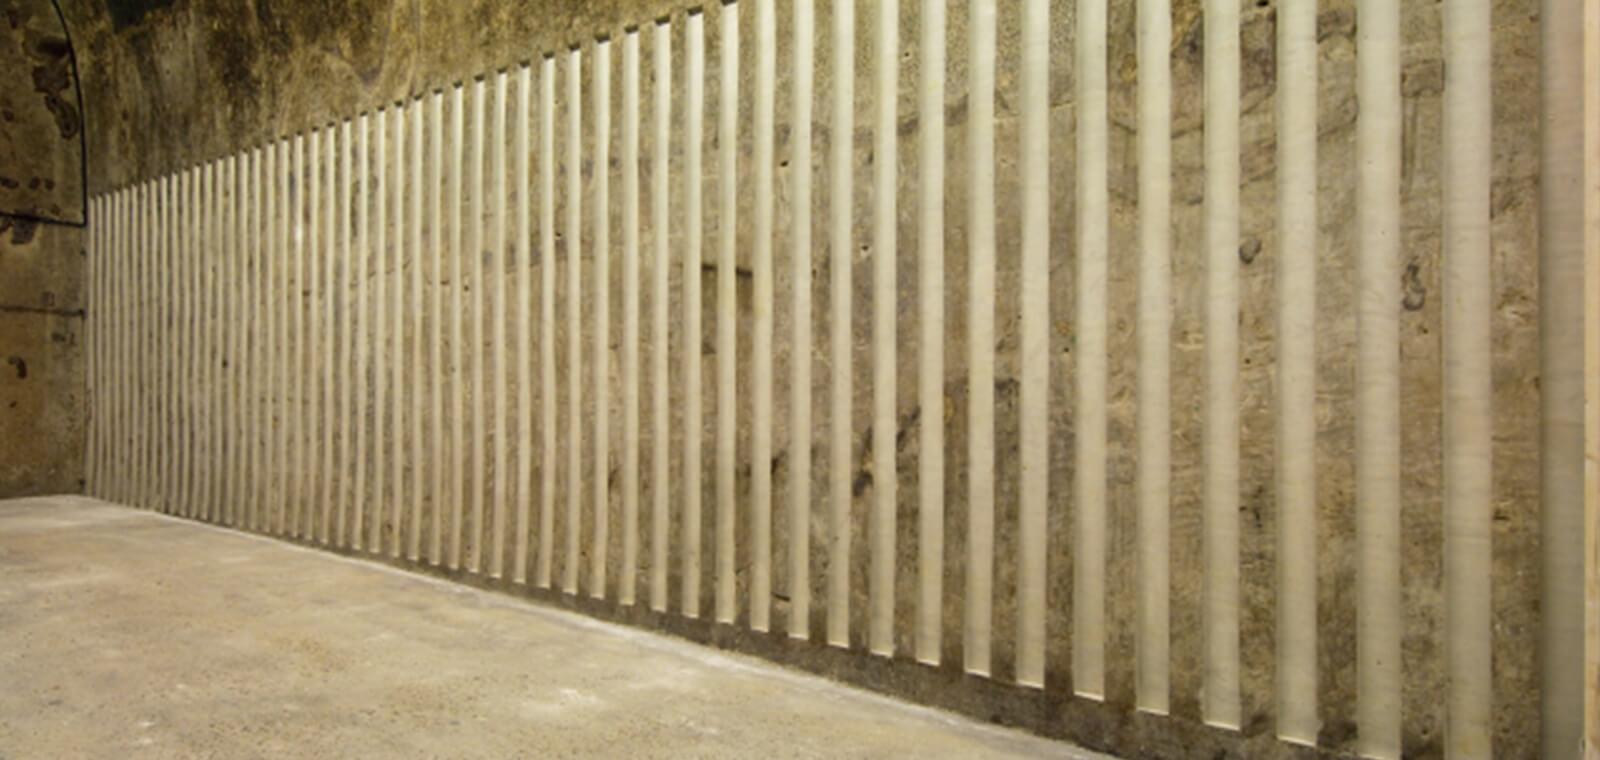 Daniel Buren, Ecrire la craie : bas-relief, travail in situ, 2007